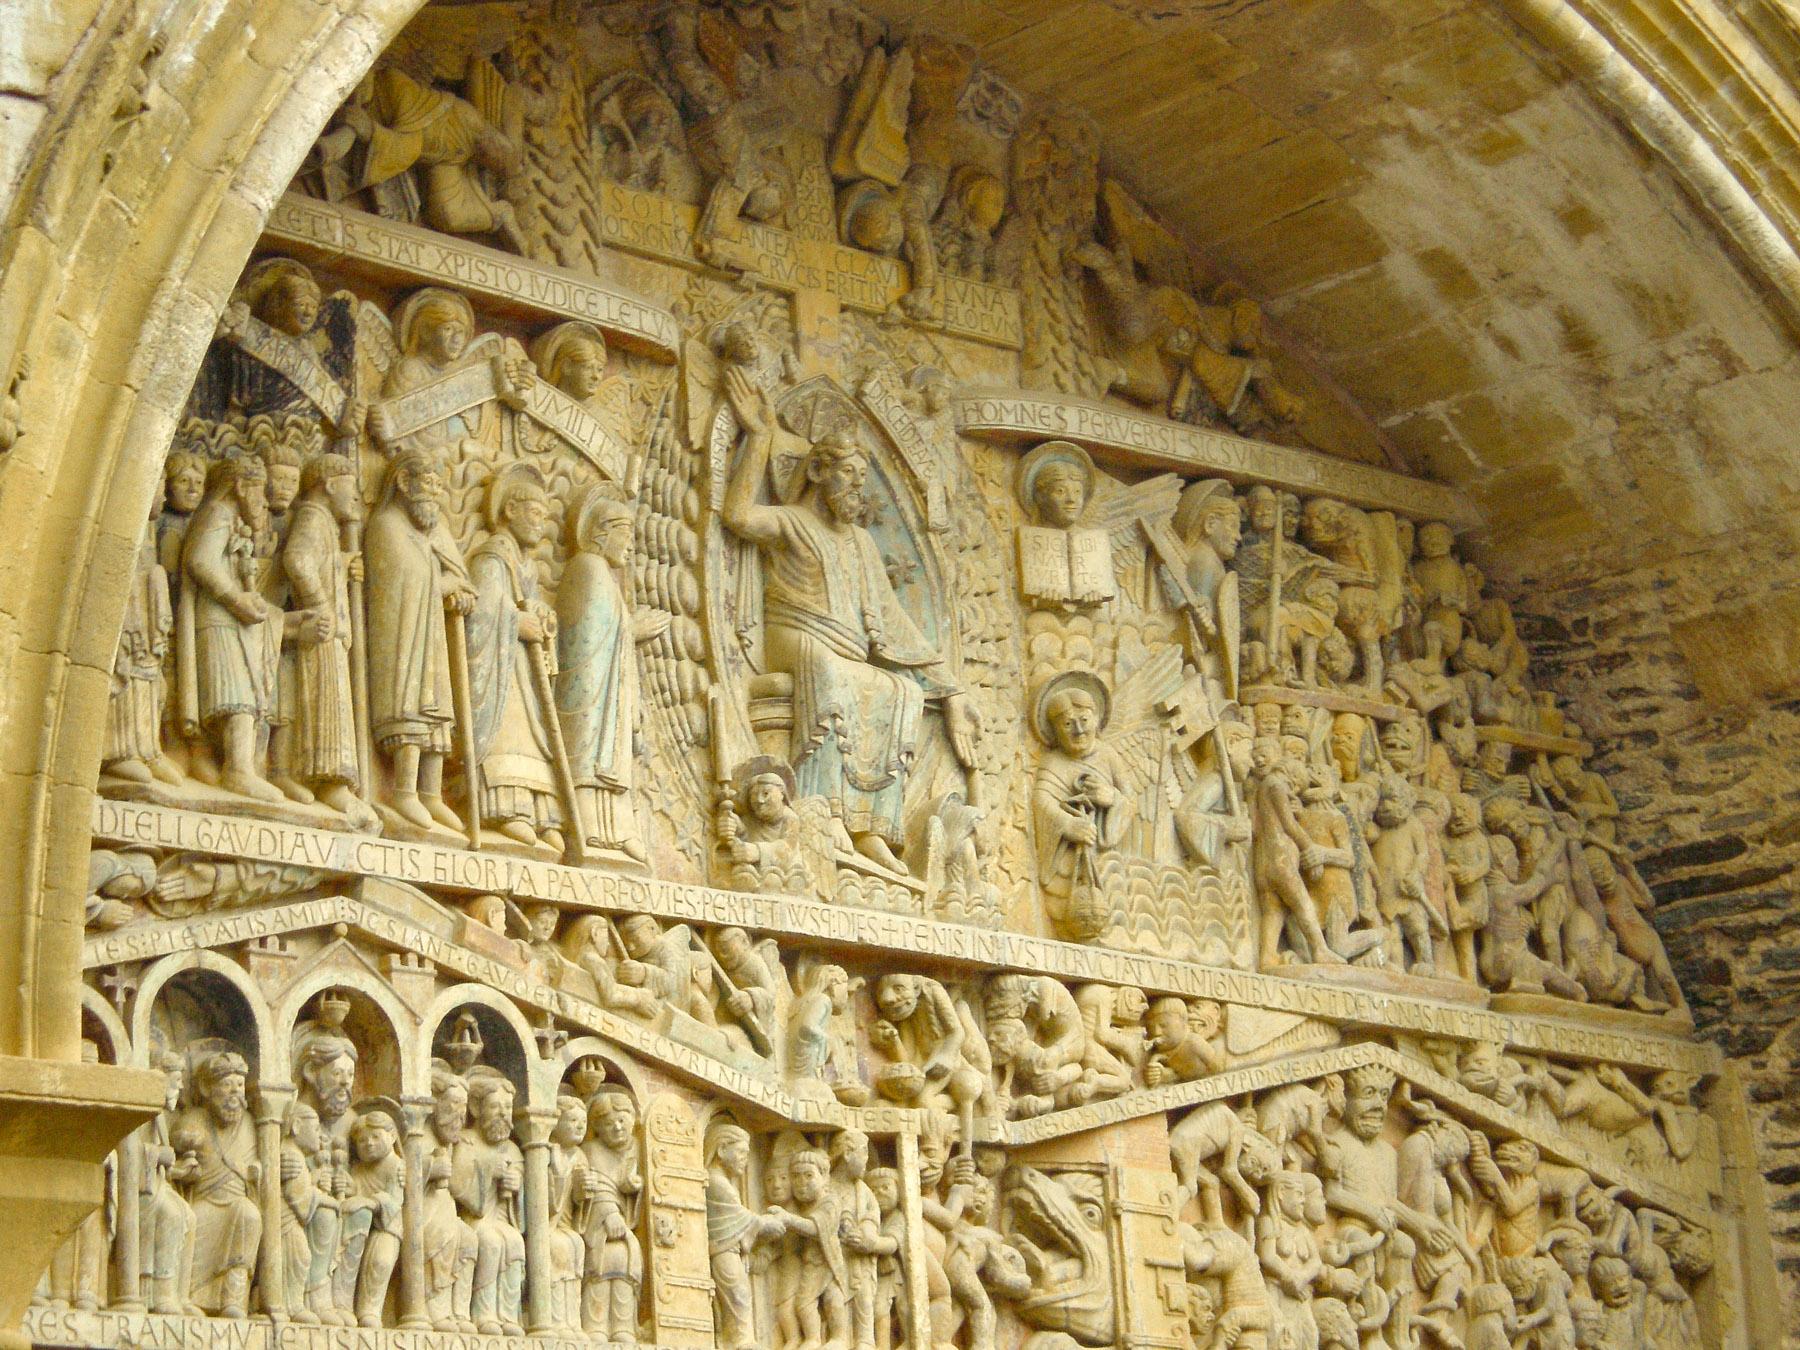 Timpaan van de abdijkerk van Sainte-Foy